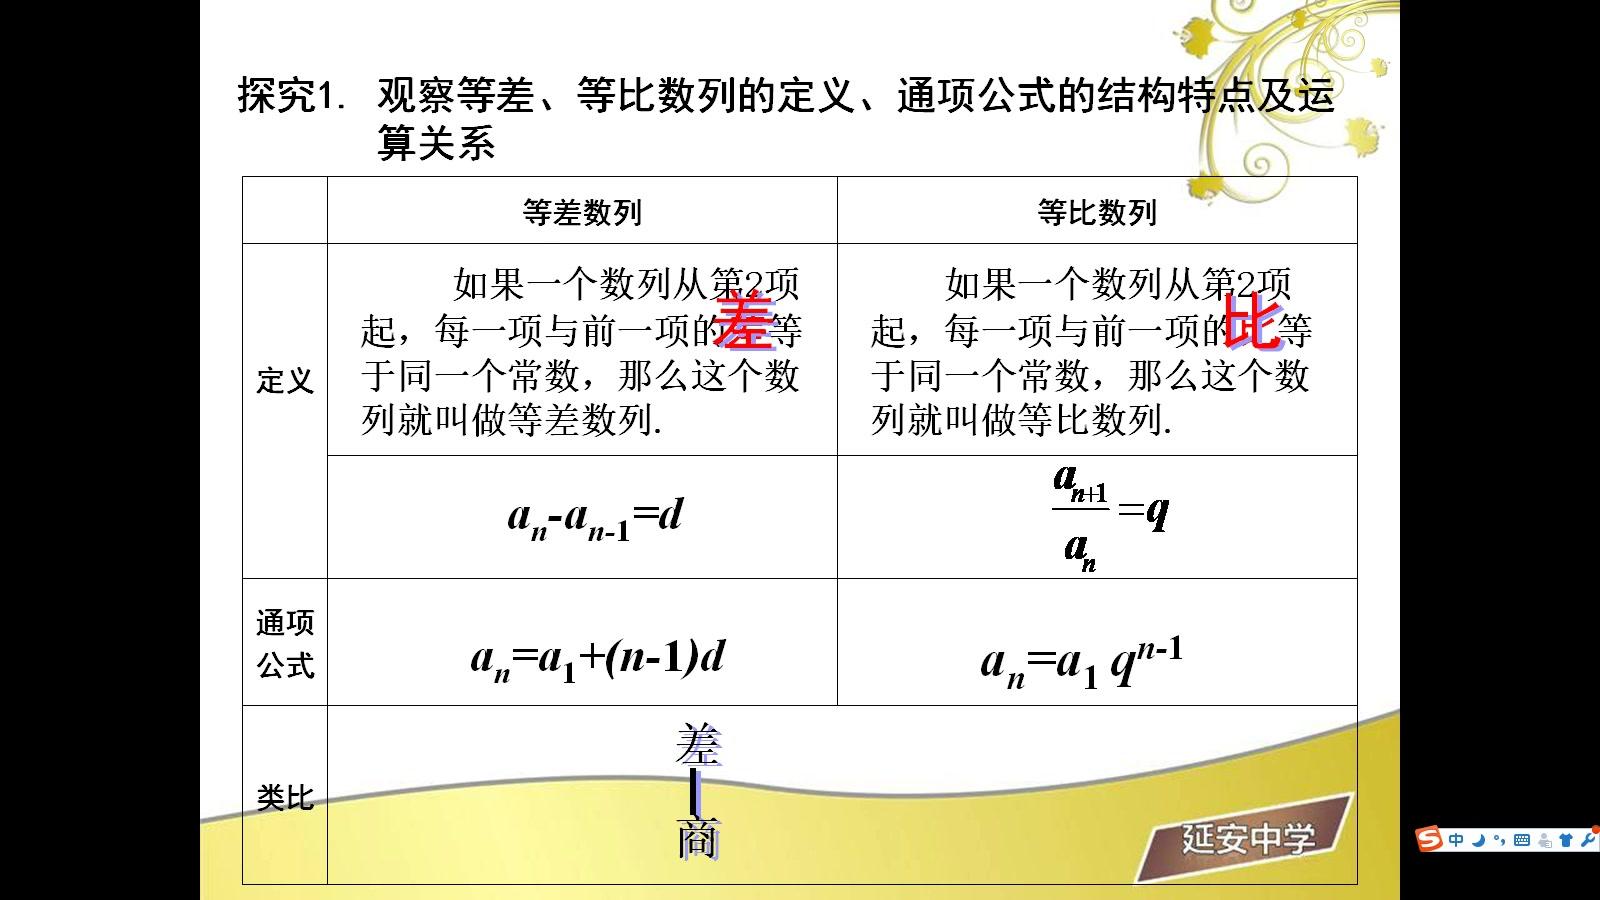 《等比数列的性质》高二数学-陕西延安中学-呼延丽-陕西省首届微课大赛